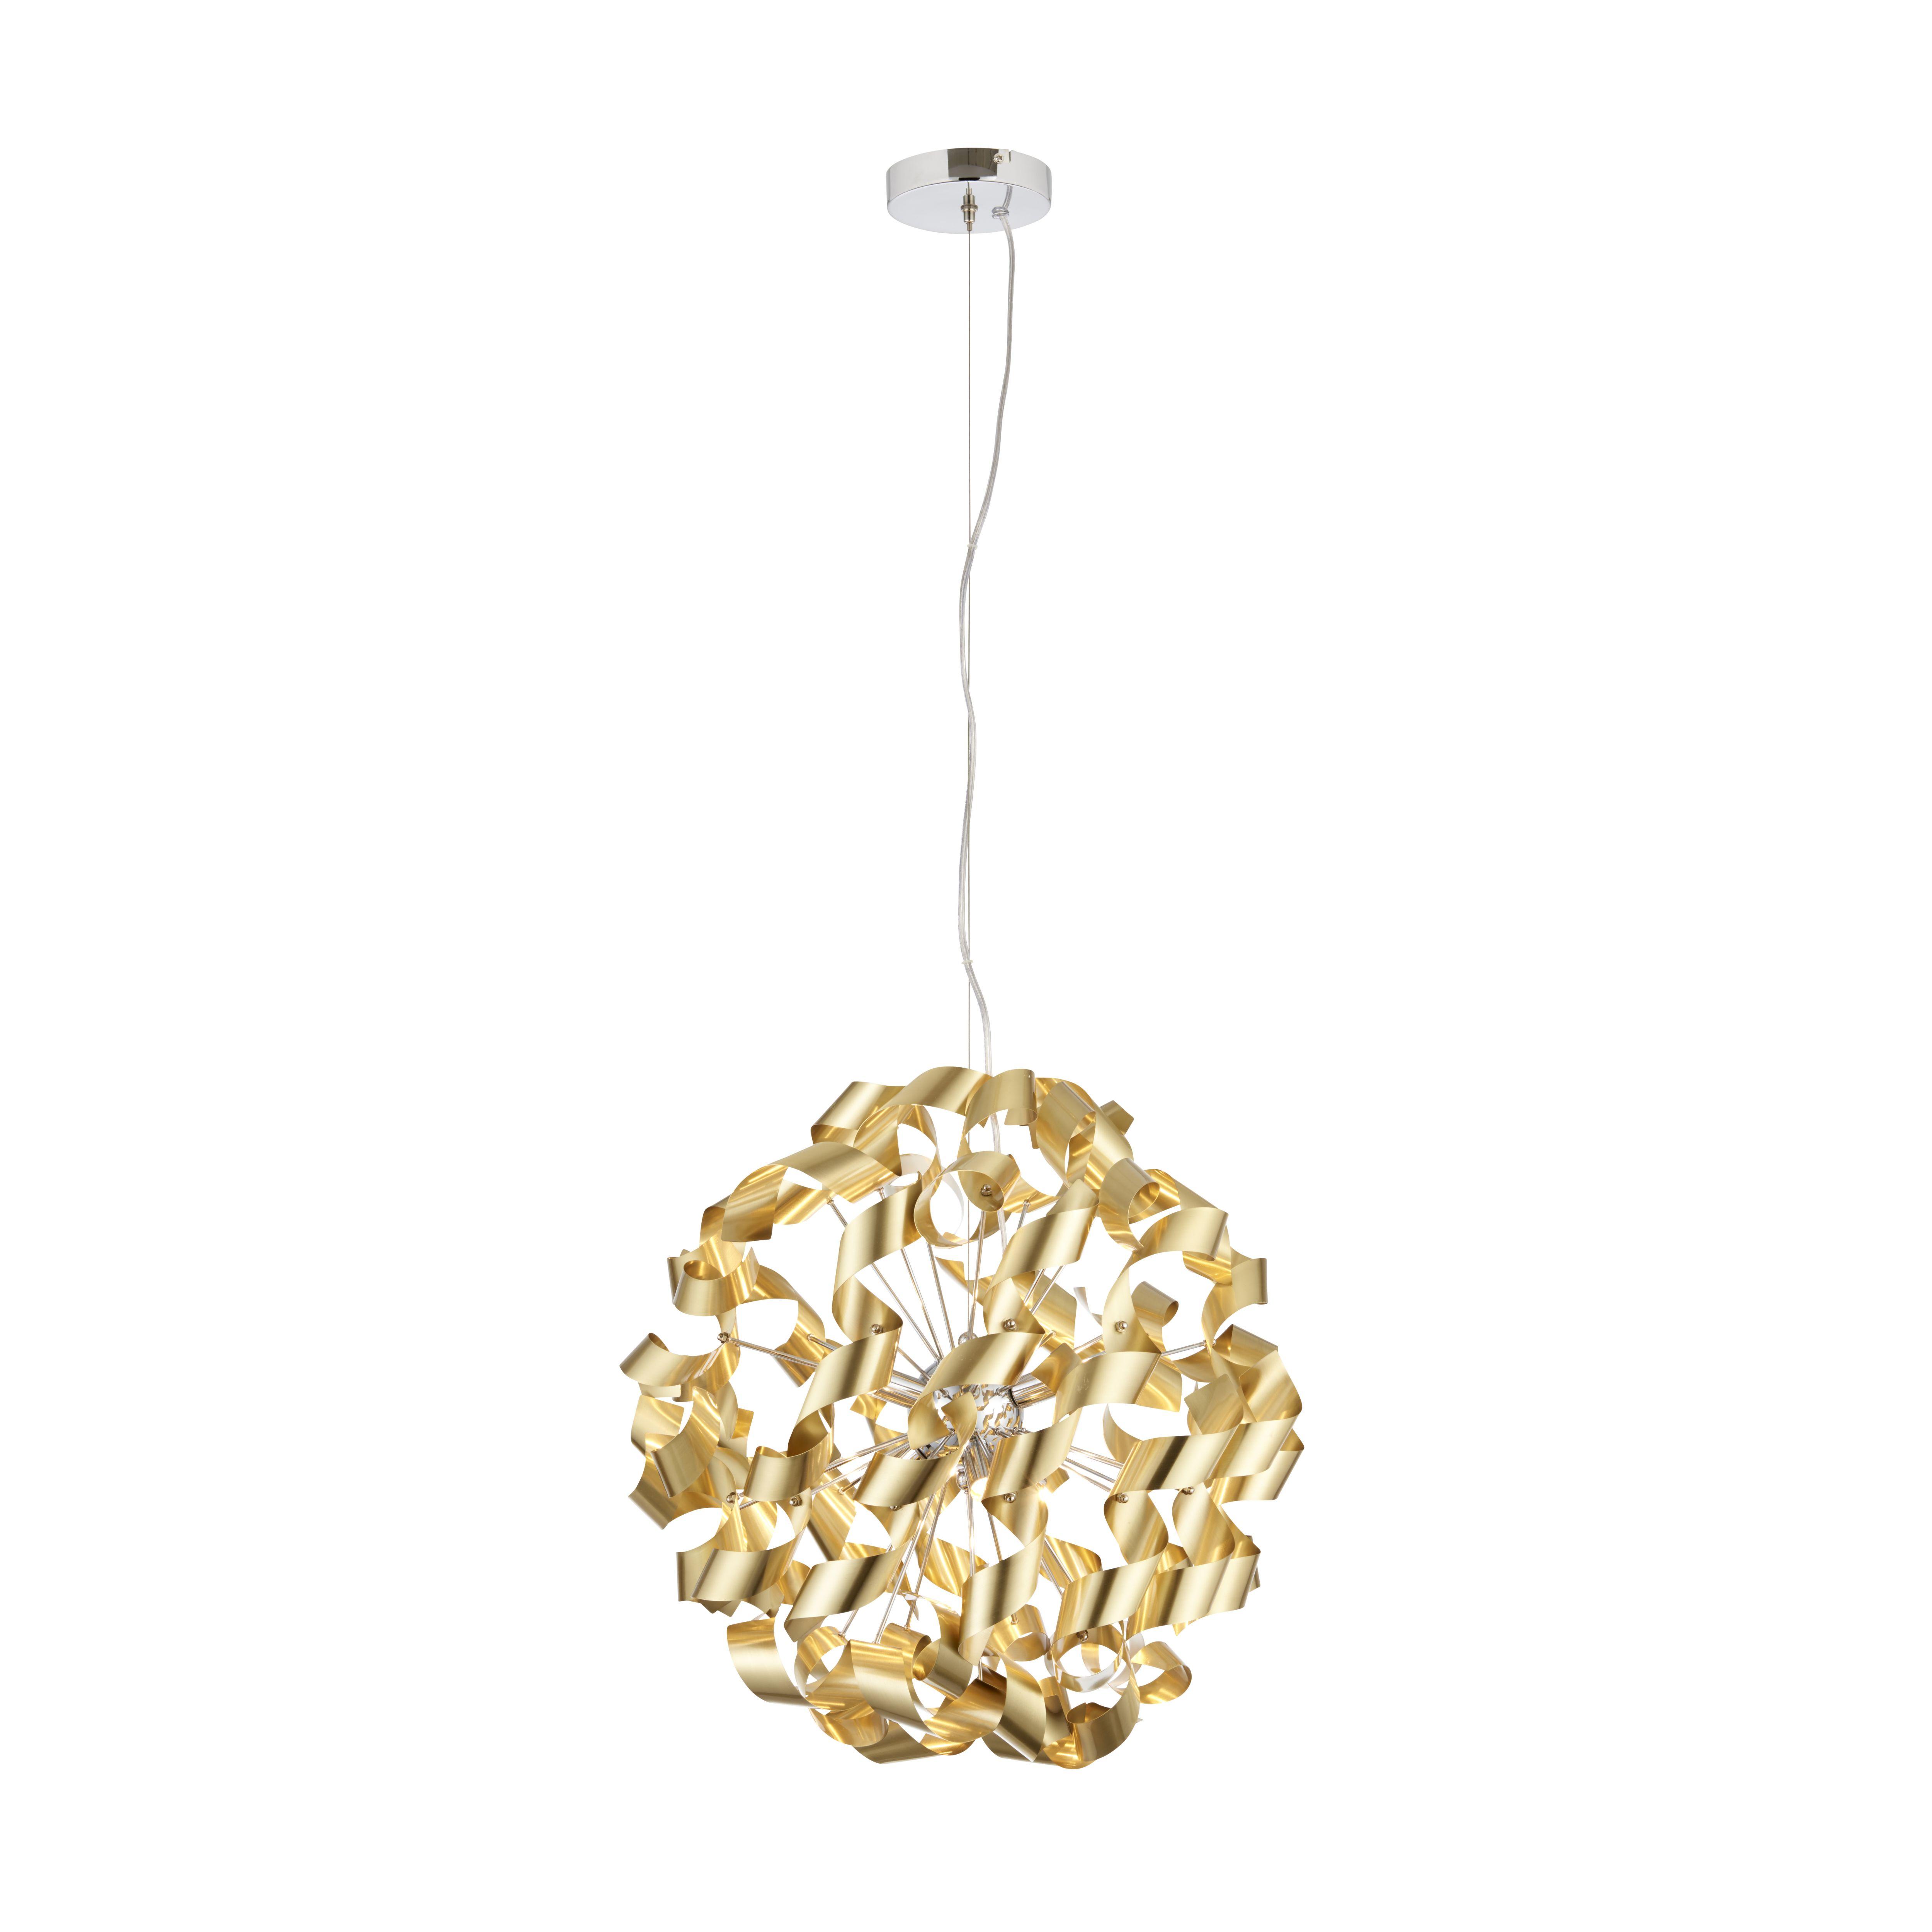 Marcela Modern Gold Matt Brushed 6 Lamp Ceiling Light